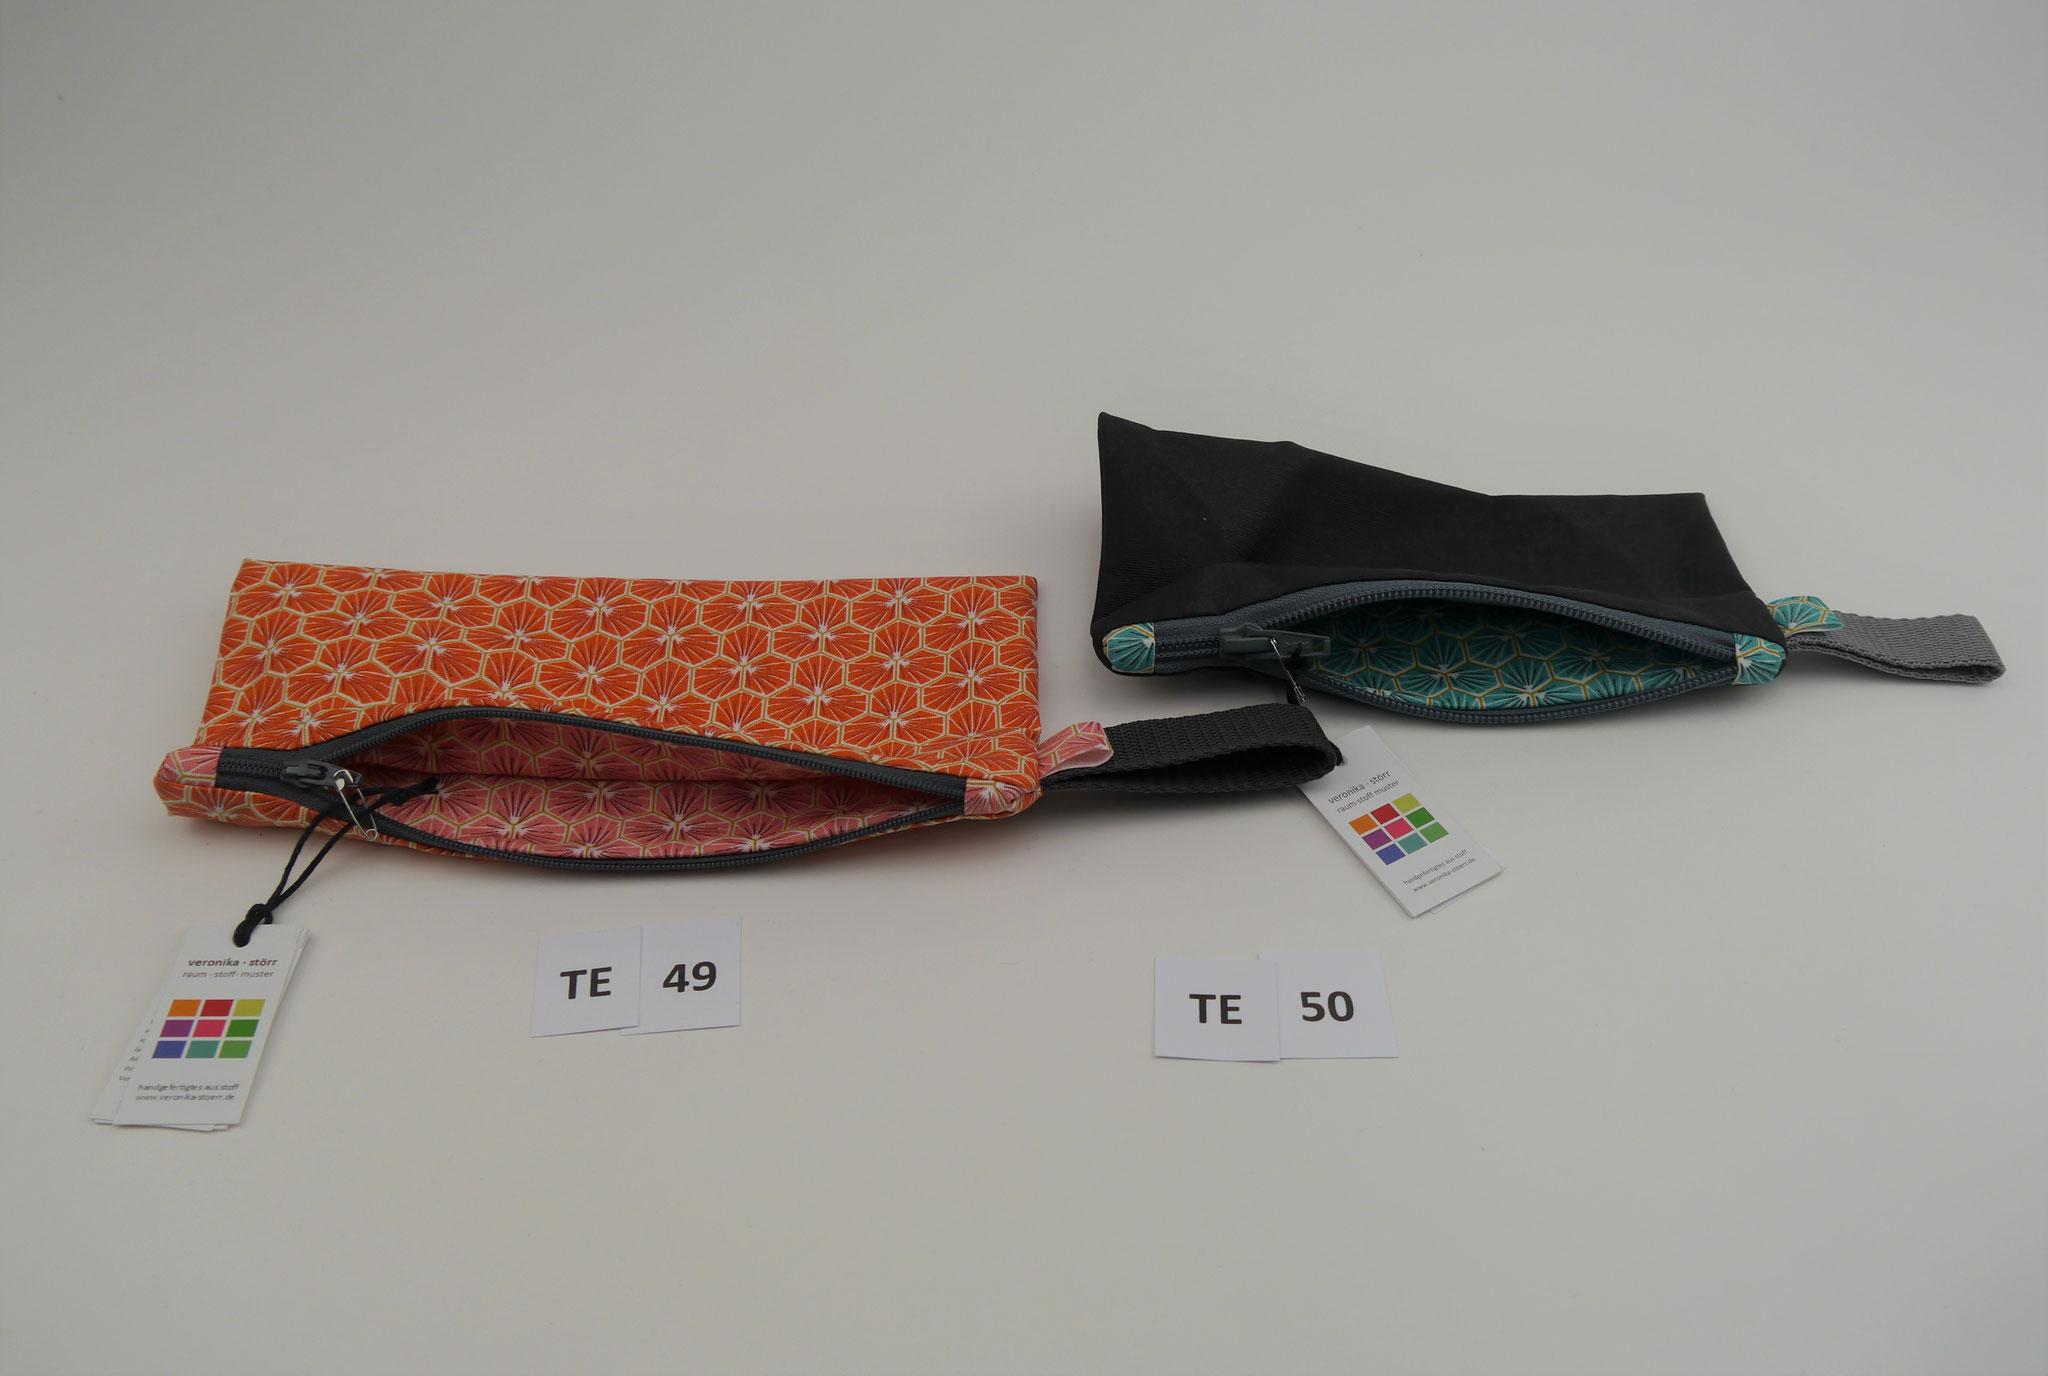 TE49 : 22 x 10 cm * AS + IS BBW * 14,90 € ---------- TE 50 : 18,5 x 9 cm * AS + IS BBW * 13,90 €